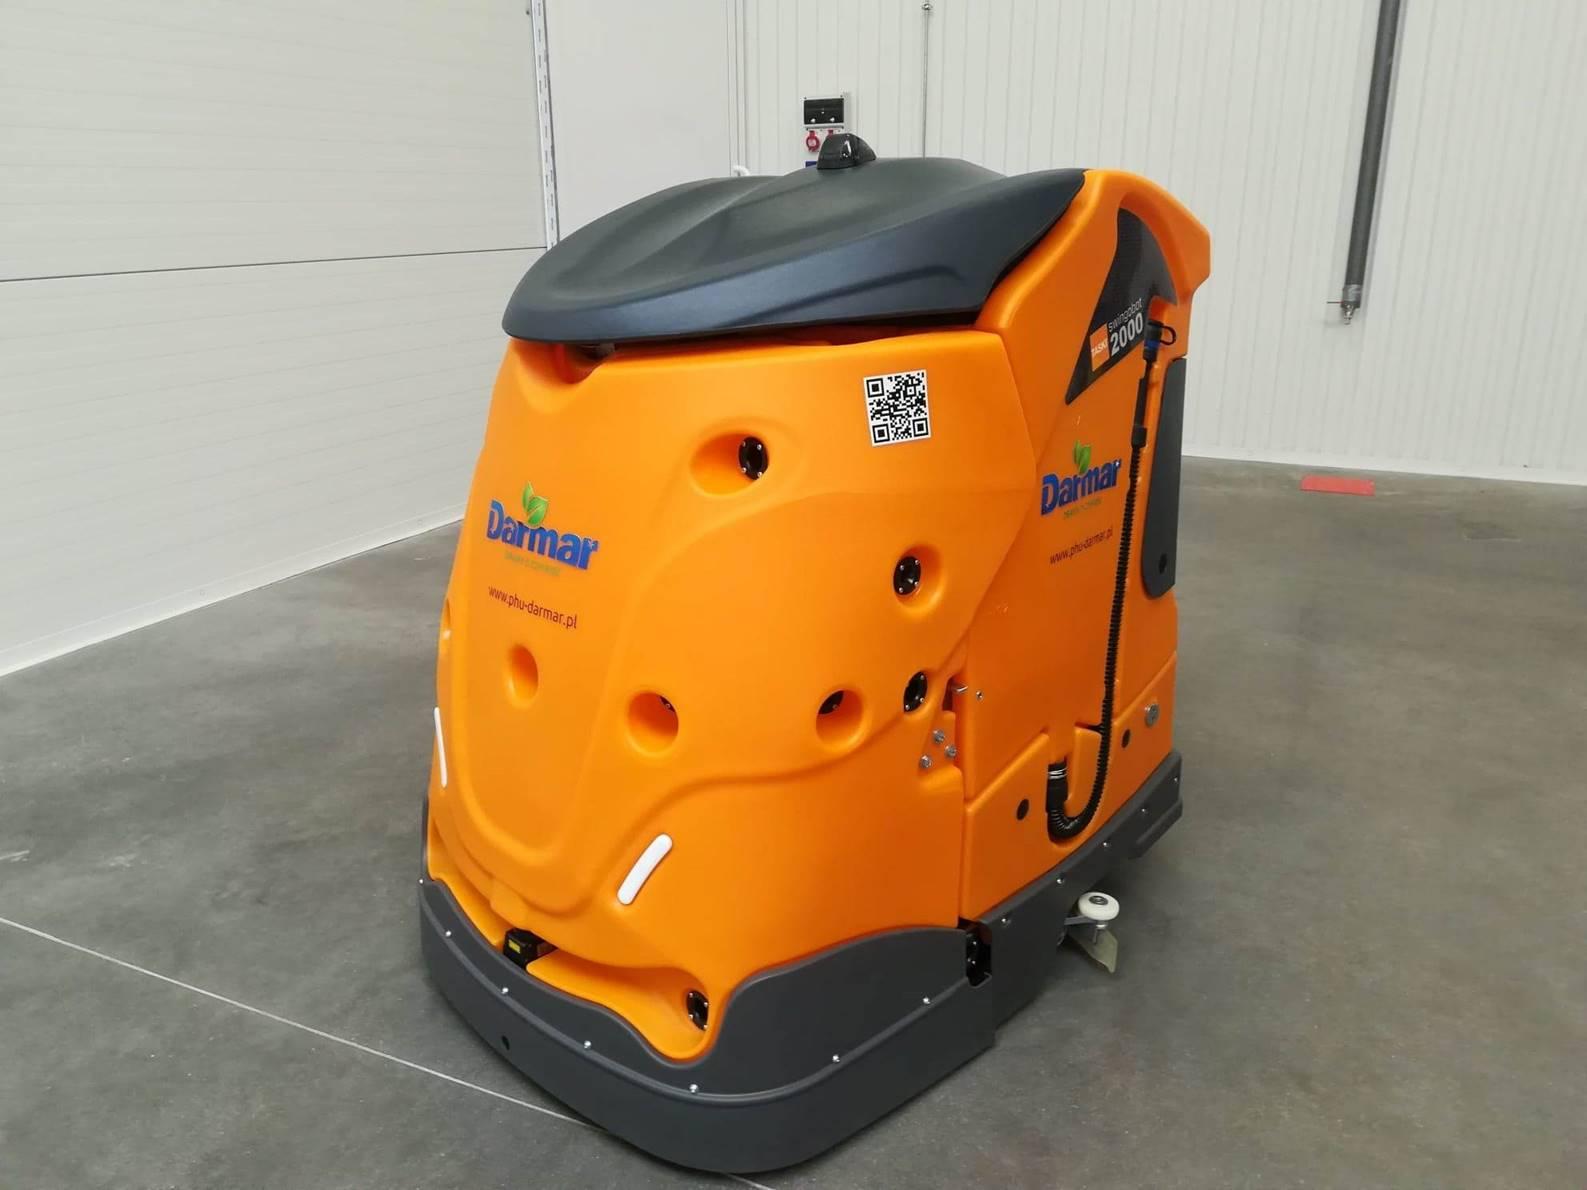 Maszyna do mycia podłóg – robot autonomiczny